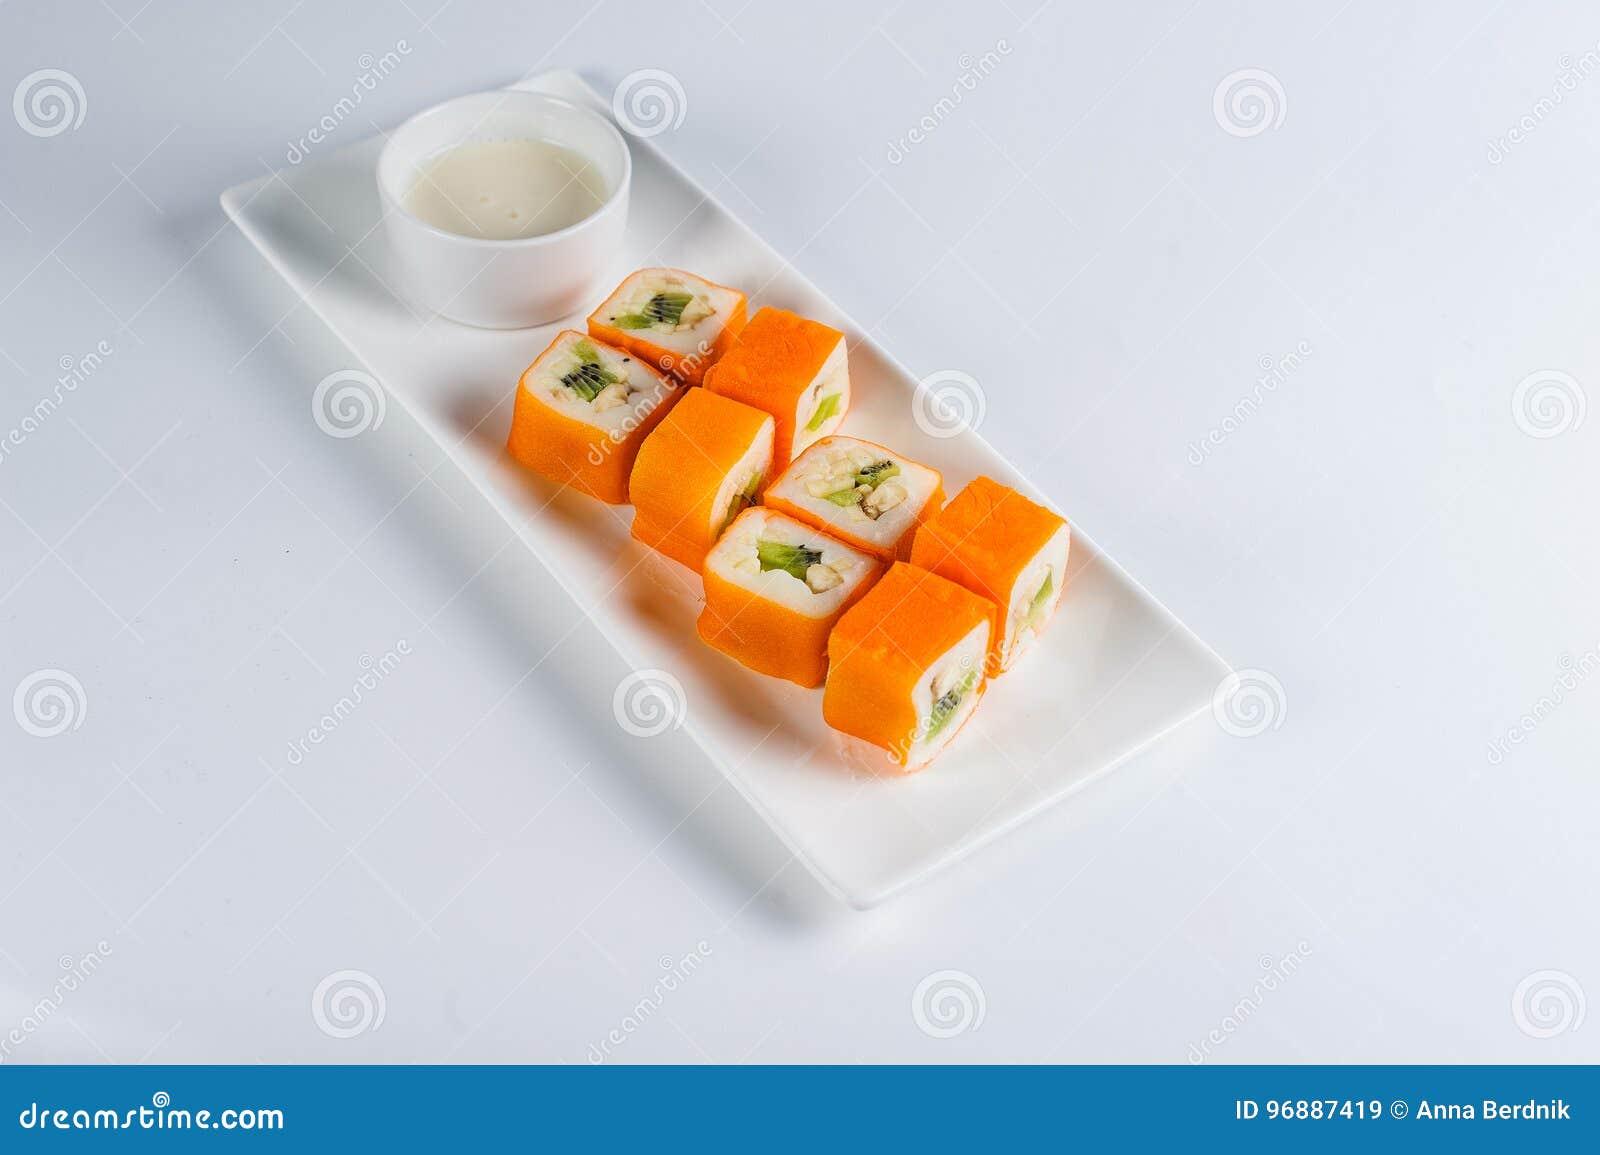 Postre Maki Sushi - ruede con la diversa fruta en pudín de arroz y el coco forma escamas